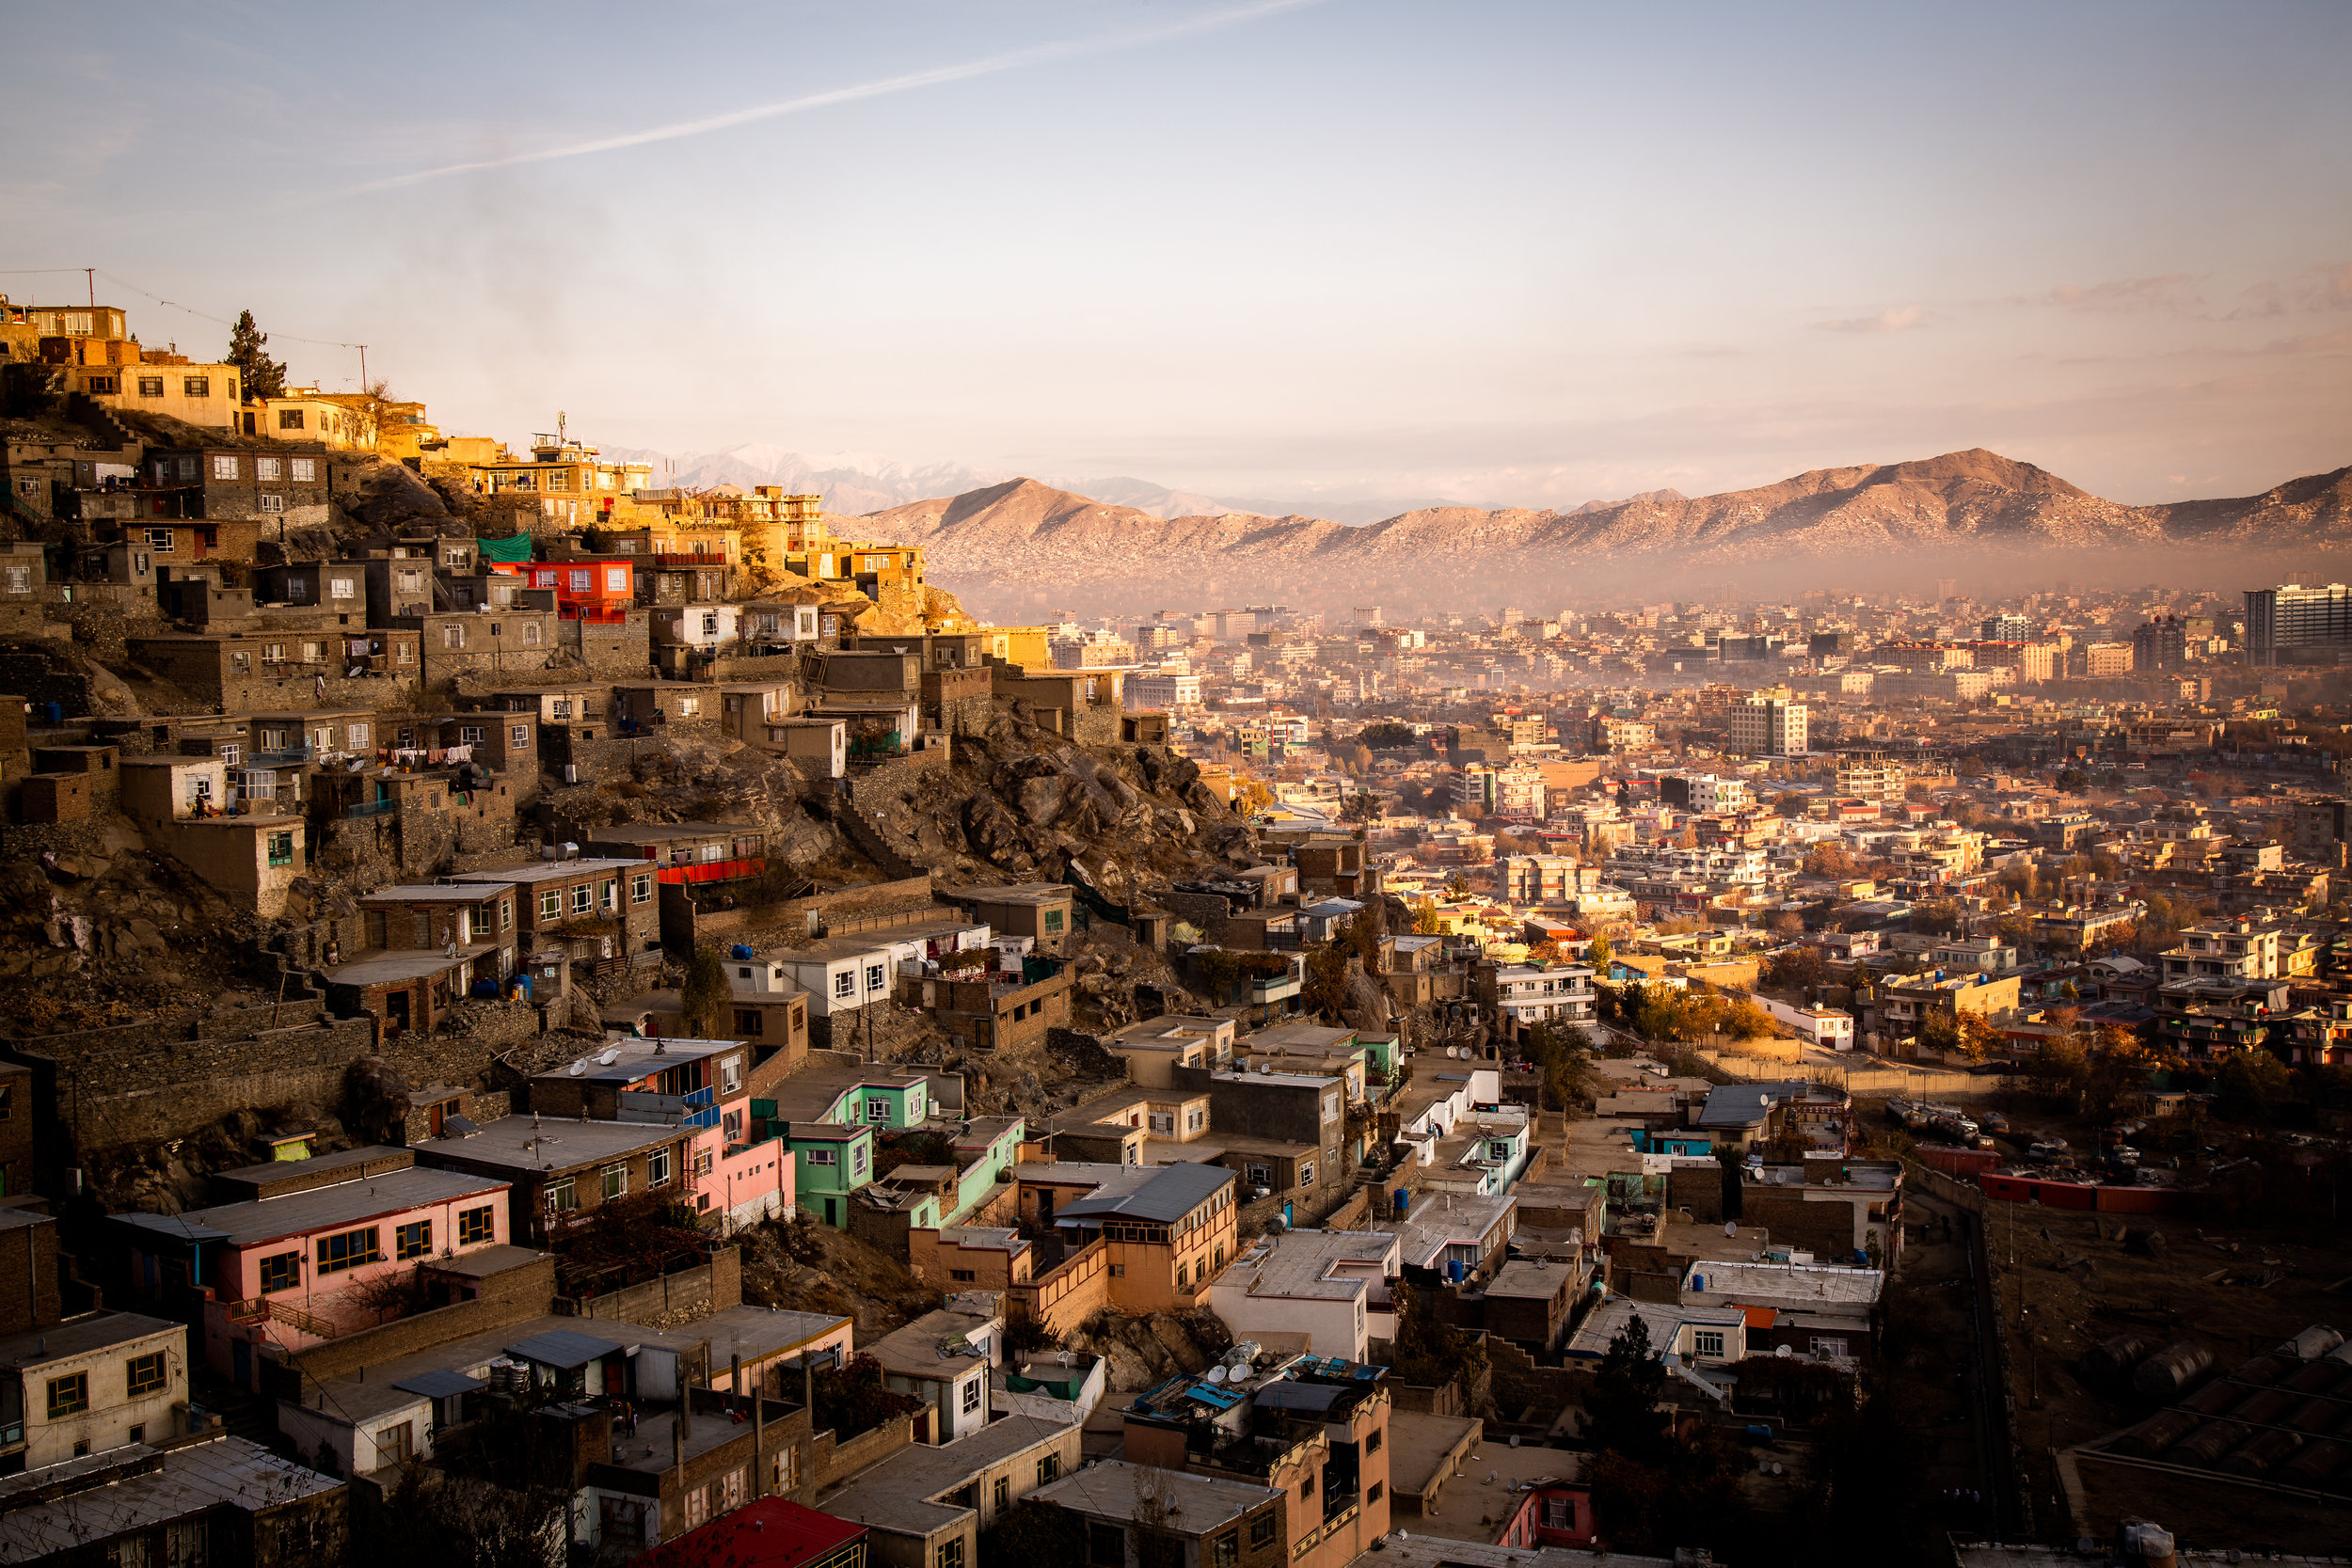 Norge gjennomfører en stor andel av tvangsreturene fra Europa til Afghanistan, og er ett av kun tre europeiske land som tvangsreturnerer afghanske barnefamilier.  Foto: UNHCR/Jim Hyulebroek